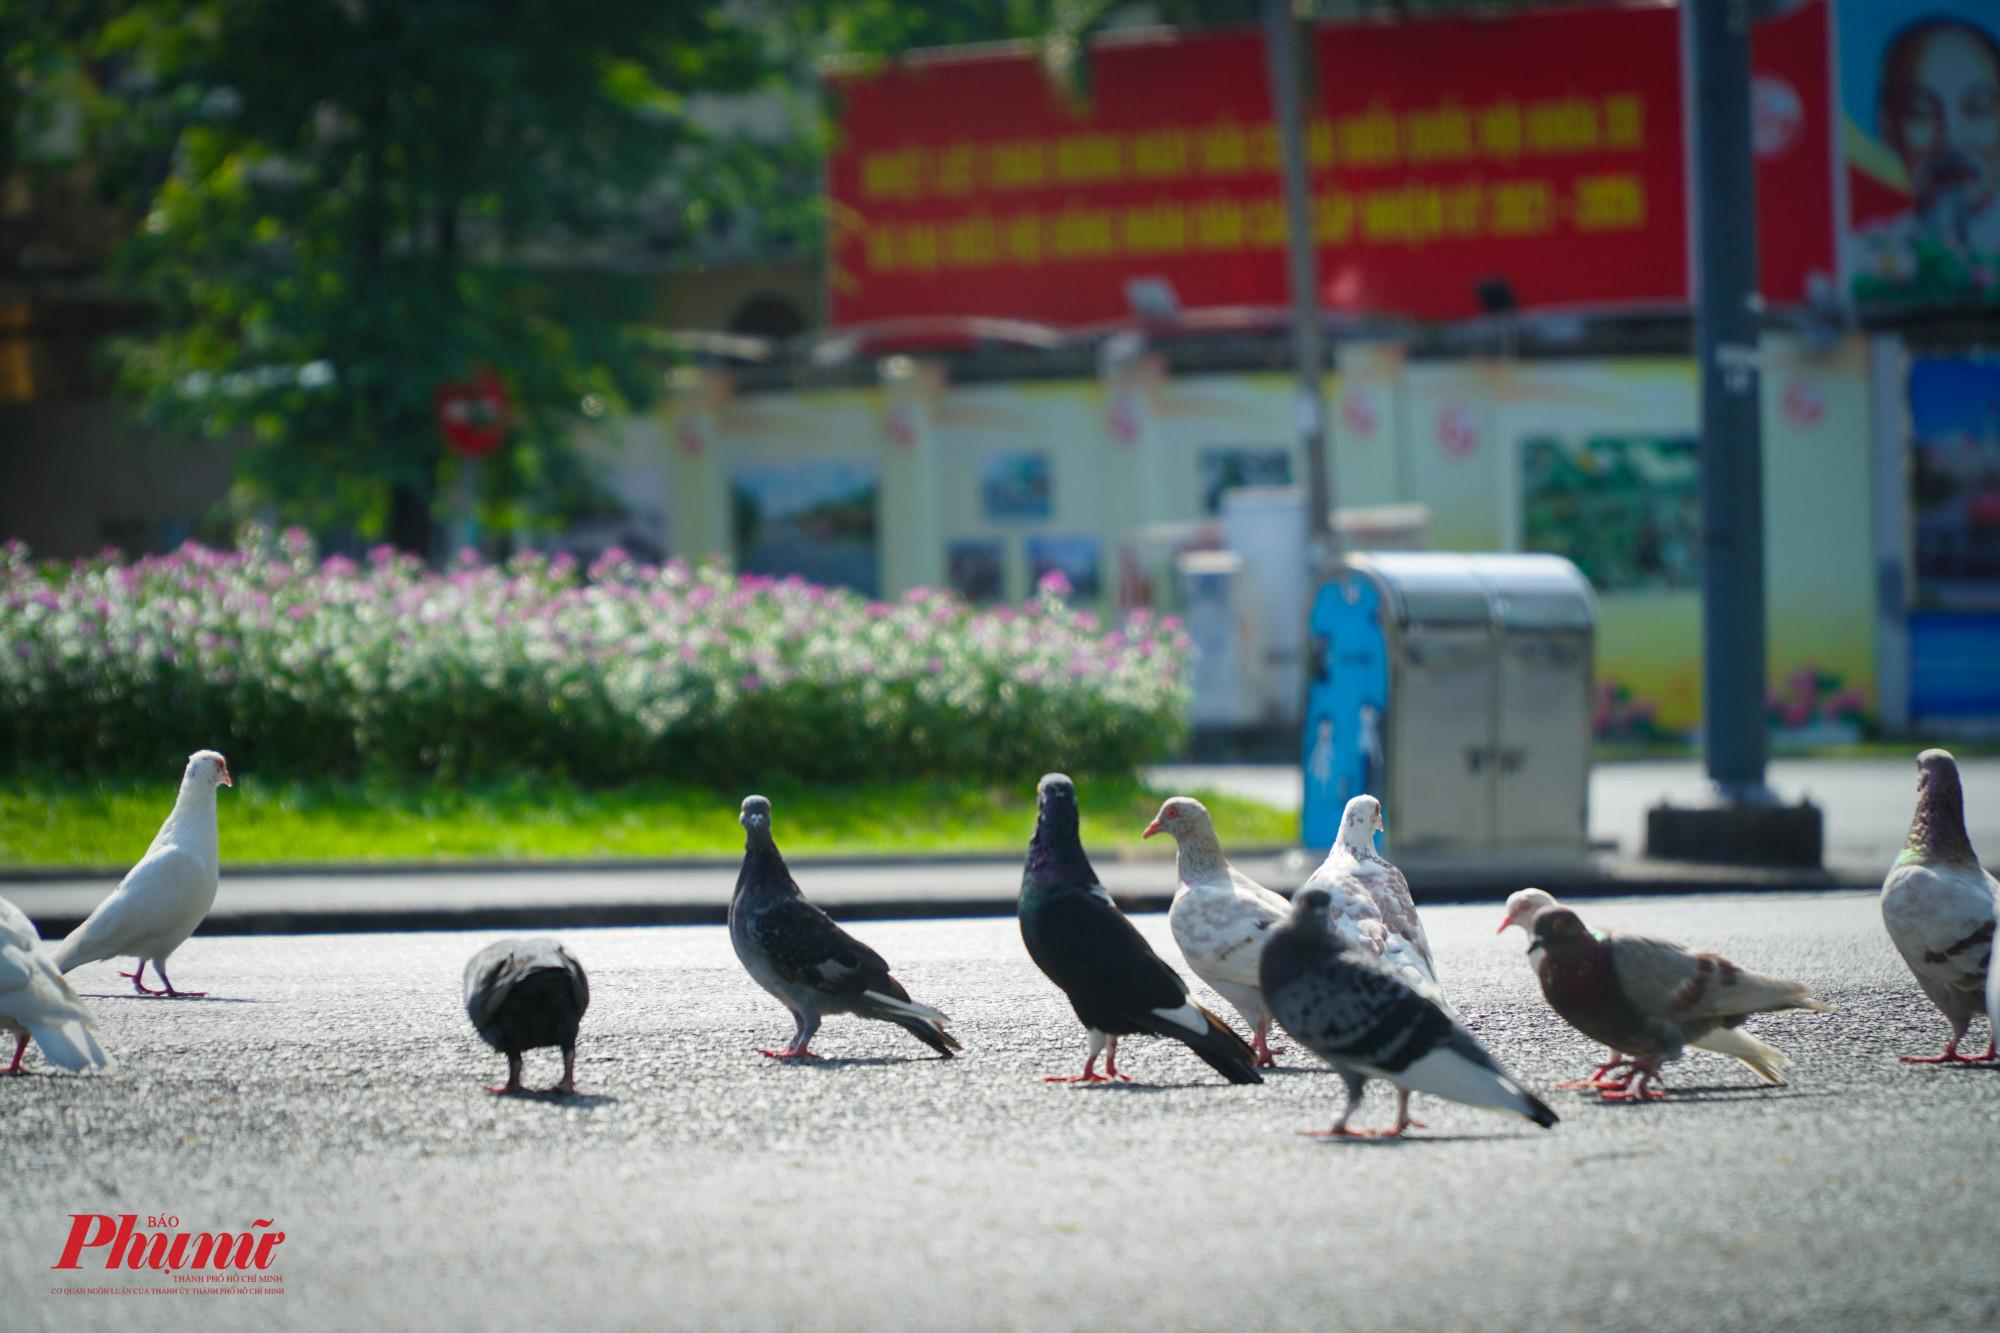 Sáng sớm, các chim chú bồ câu thường ra đường nhiều hơn để tim thức ăn